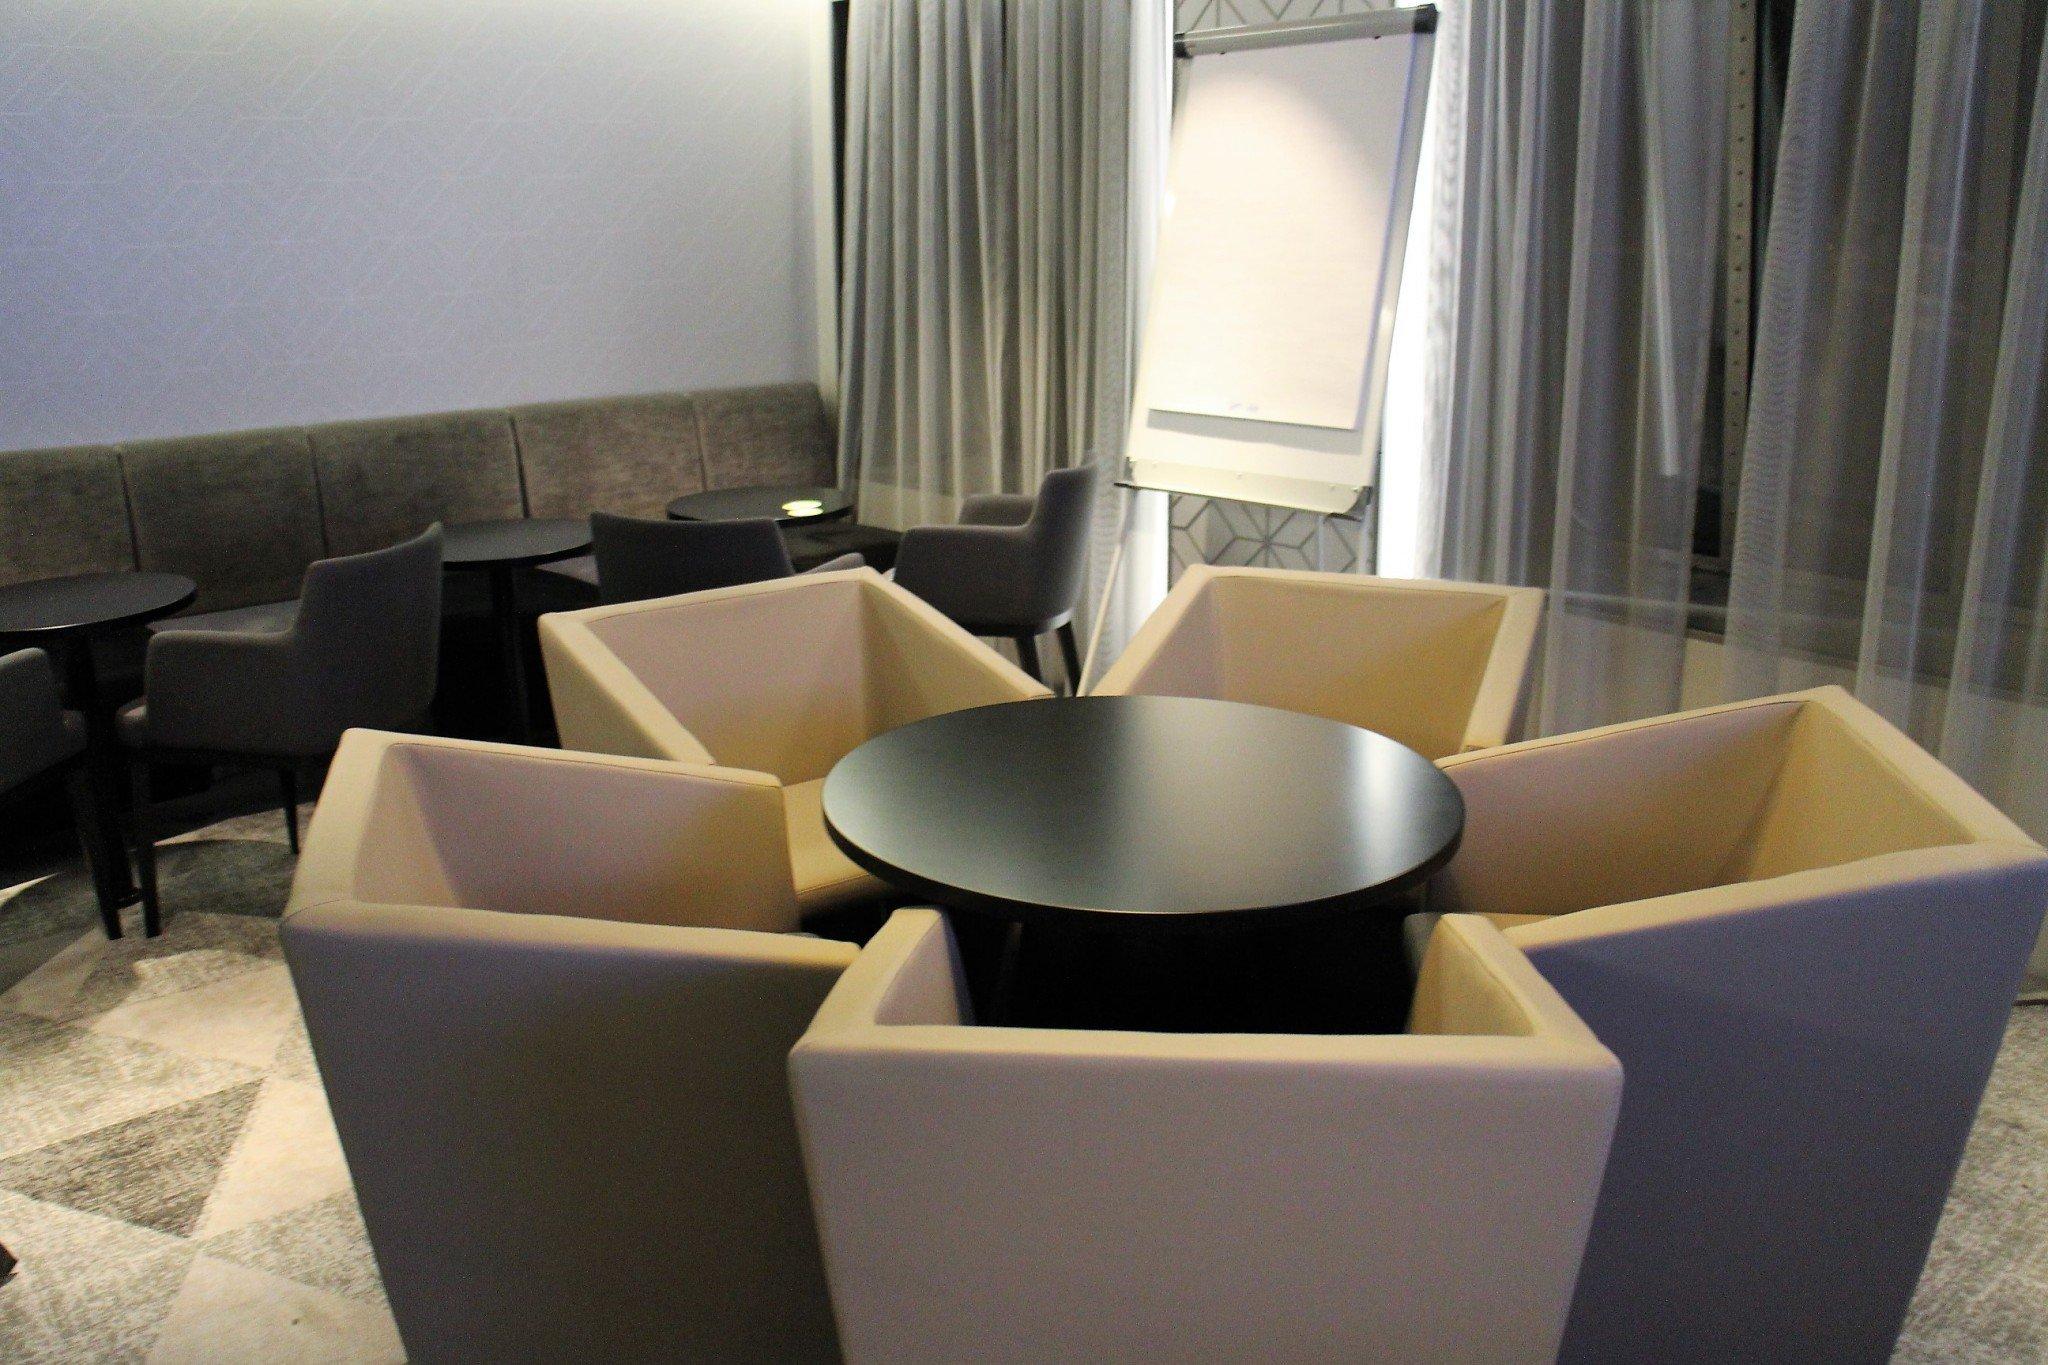 Megastar Comfort Lounge ryhmätyötila